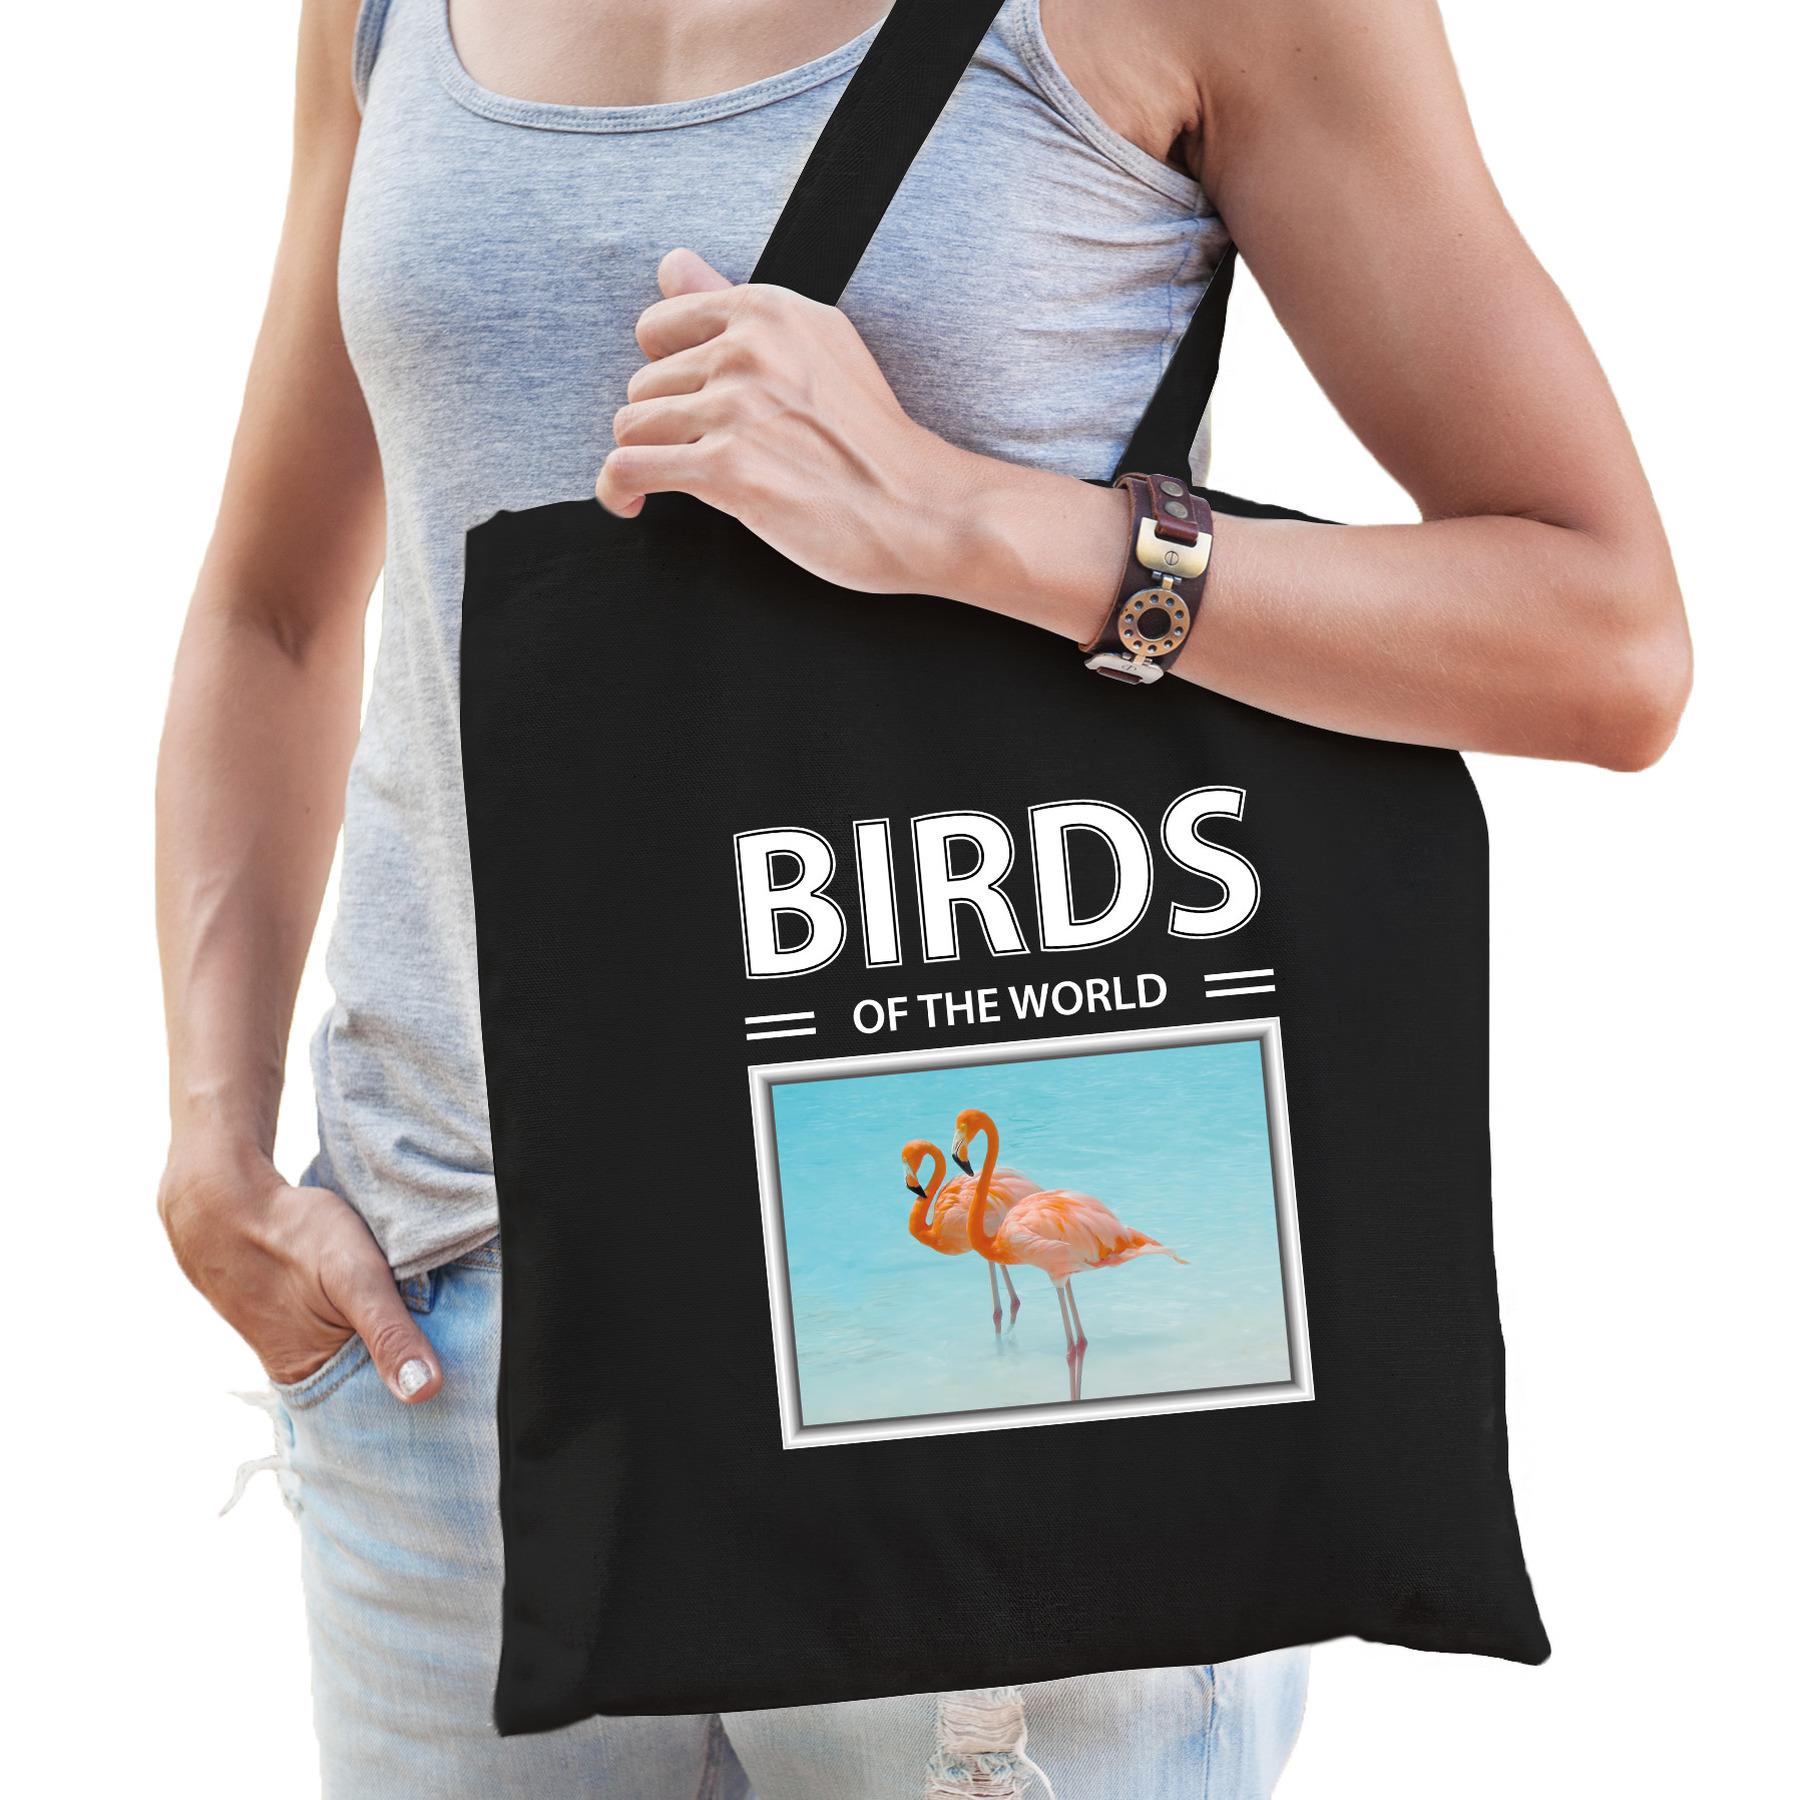 Katoenen tasje Flamingos zwart - birds of the world Flamingo cadeau tas